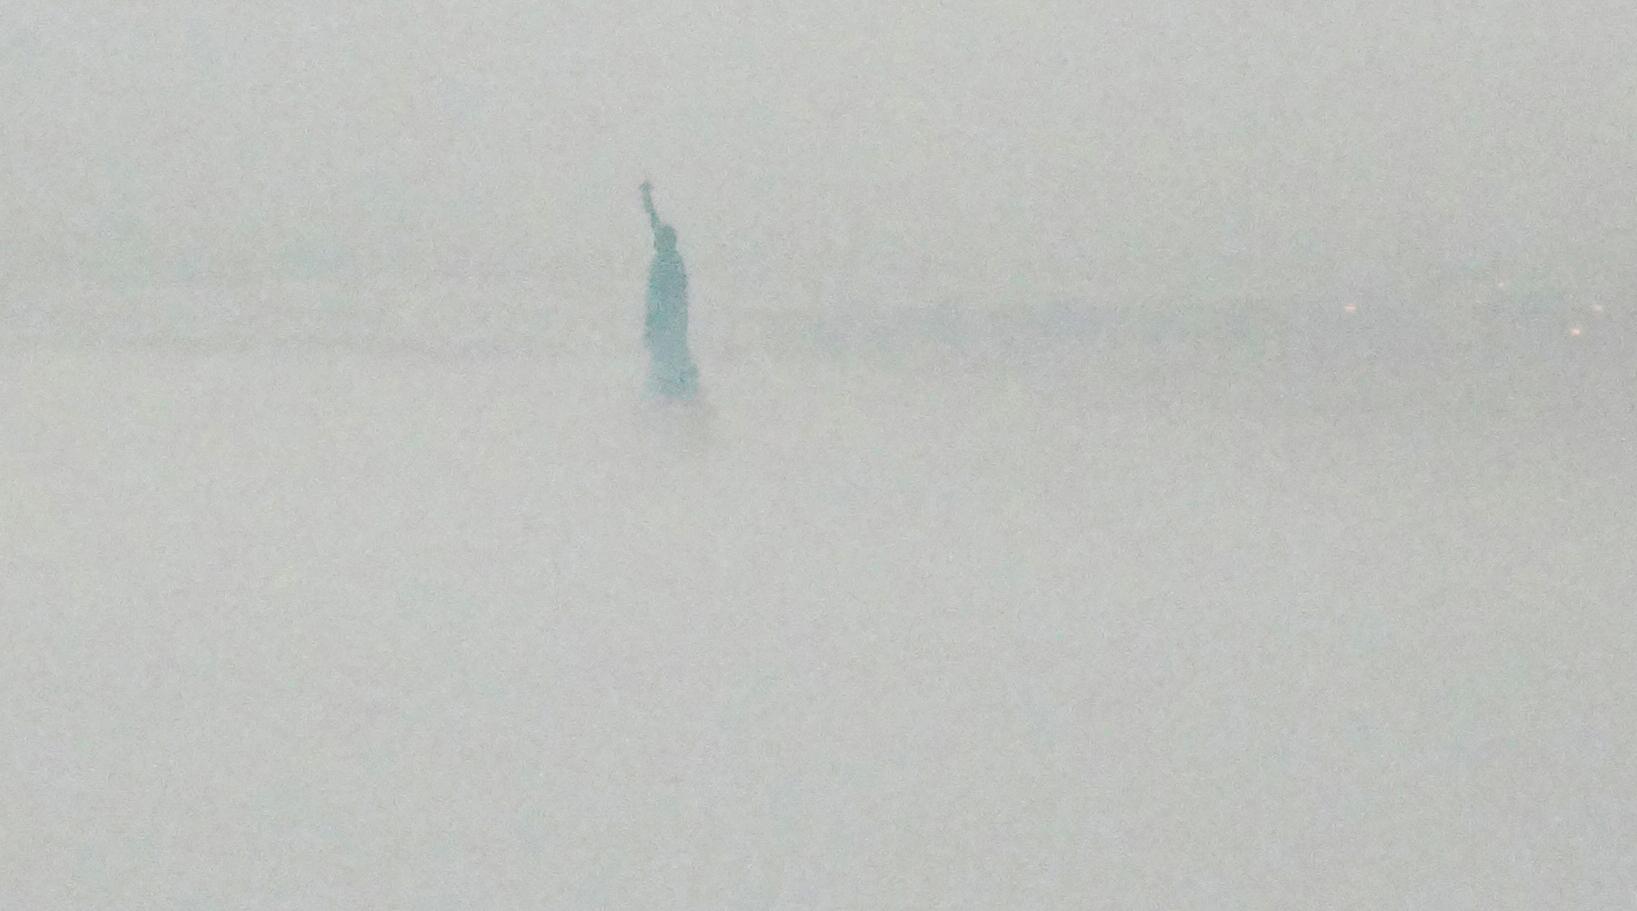 Staue-of-Liberty-fog-close-crop